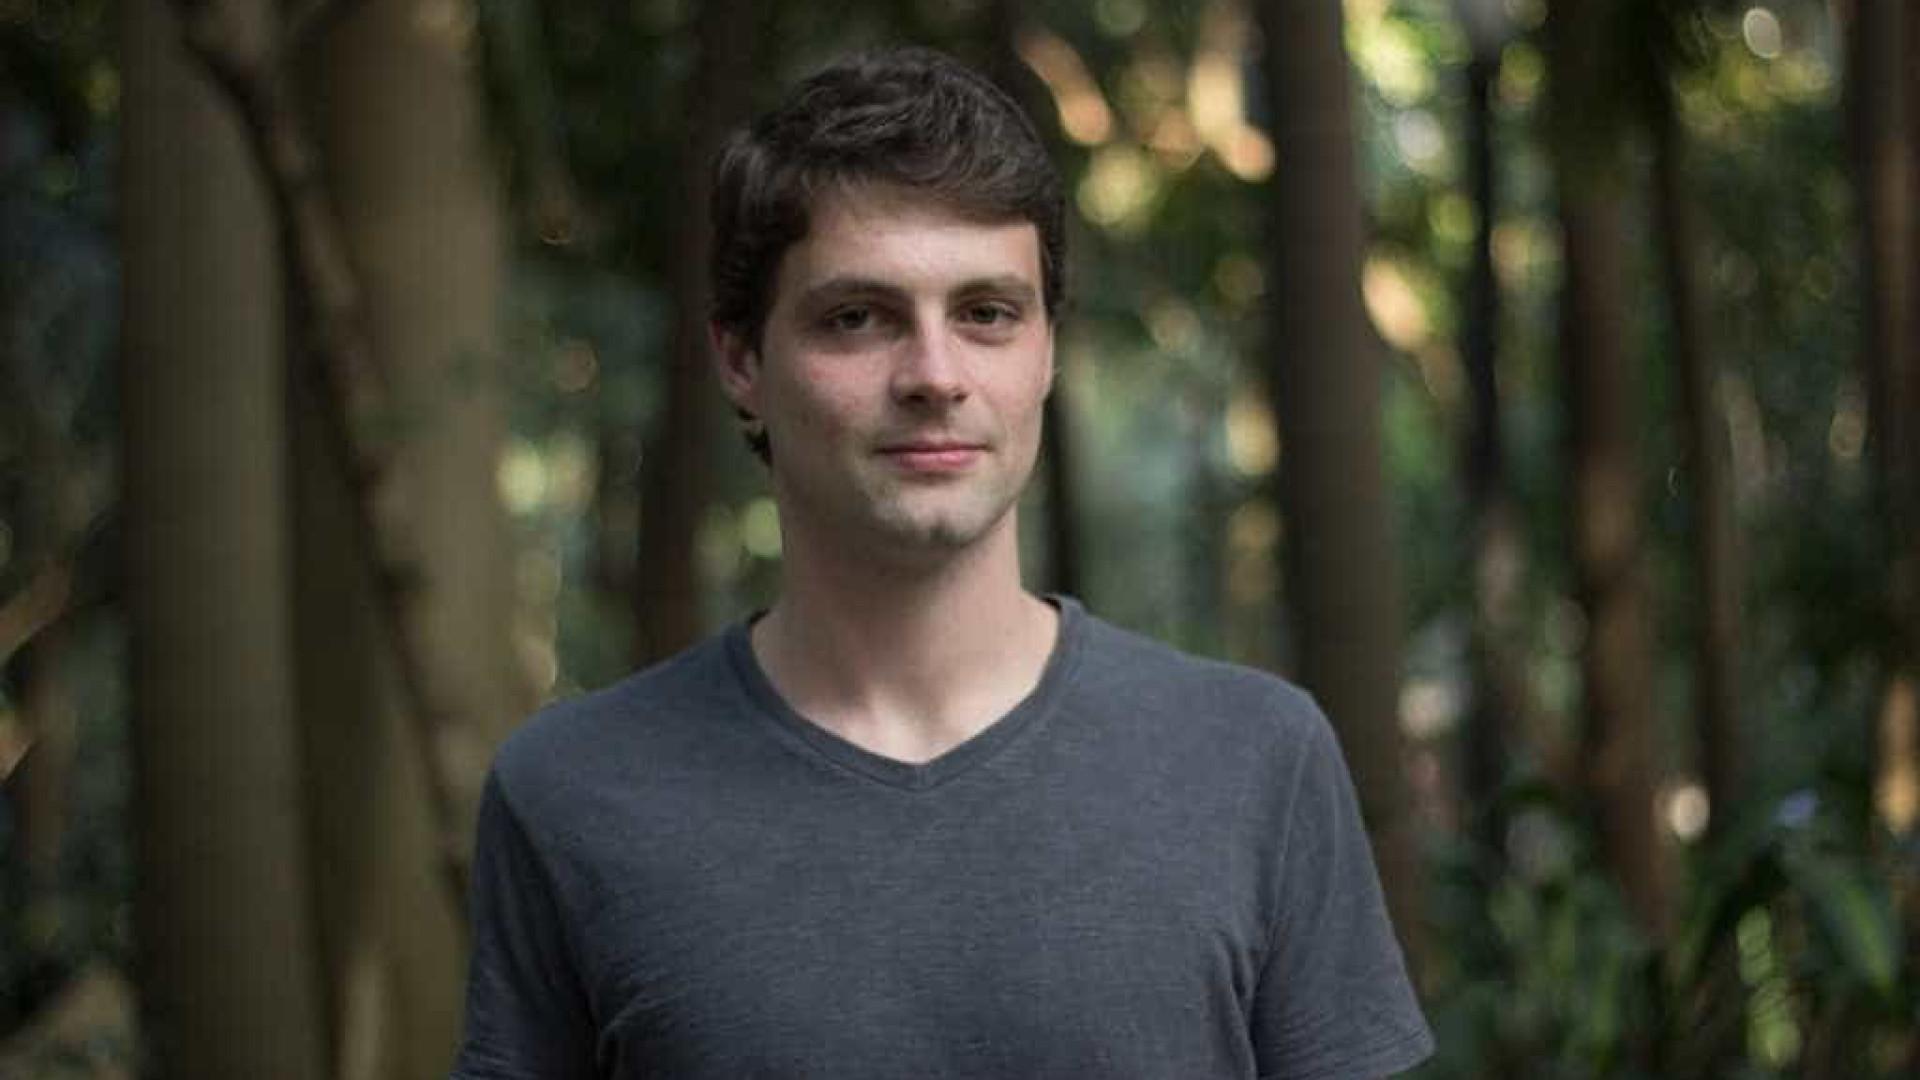 Morre aos 29 anos o escritor brasileiro Victor Heringer